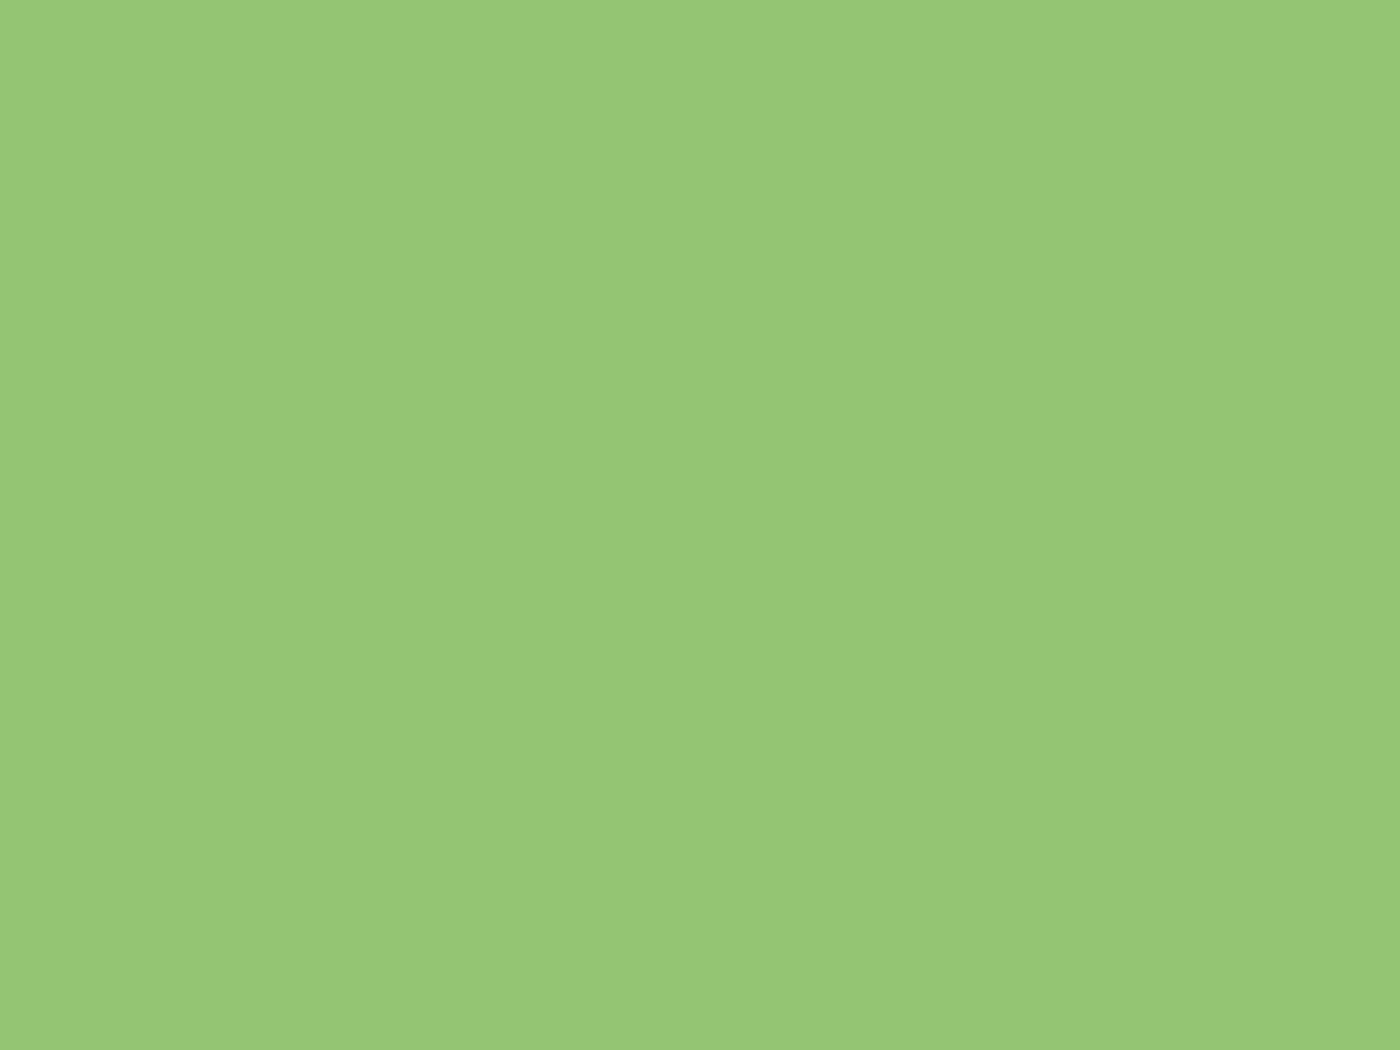 1400x1050 Pistachio Solid Color Background